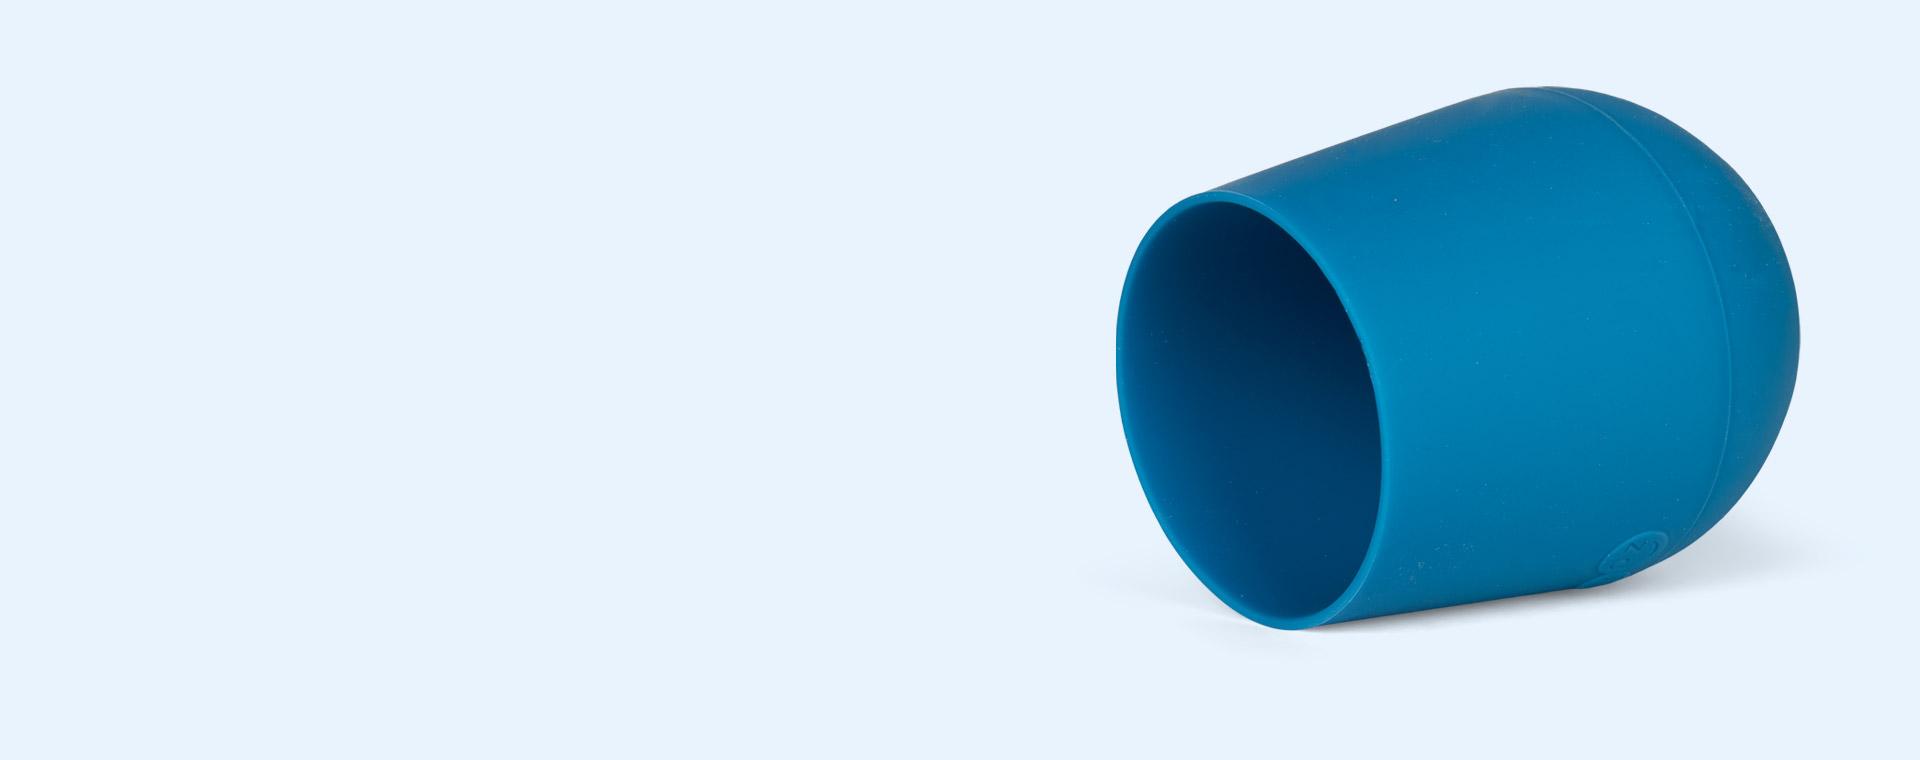 Blue EZPZ Tiny Cup